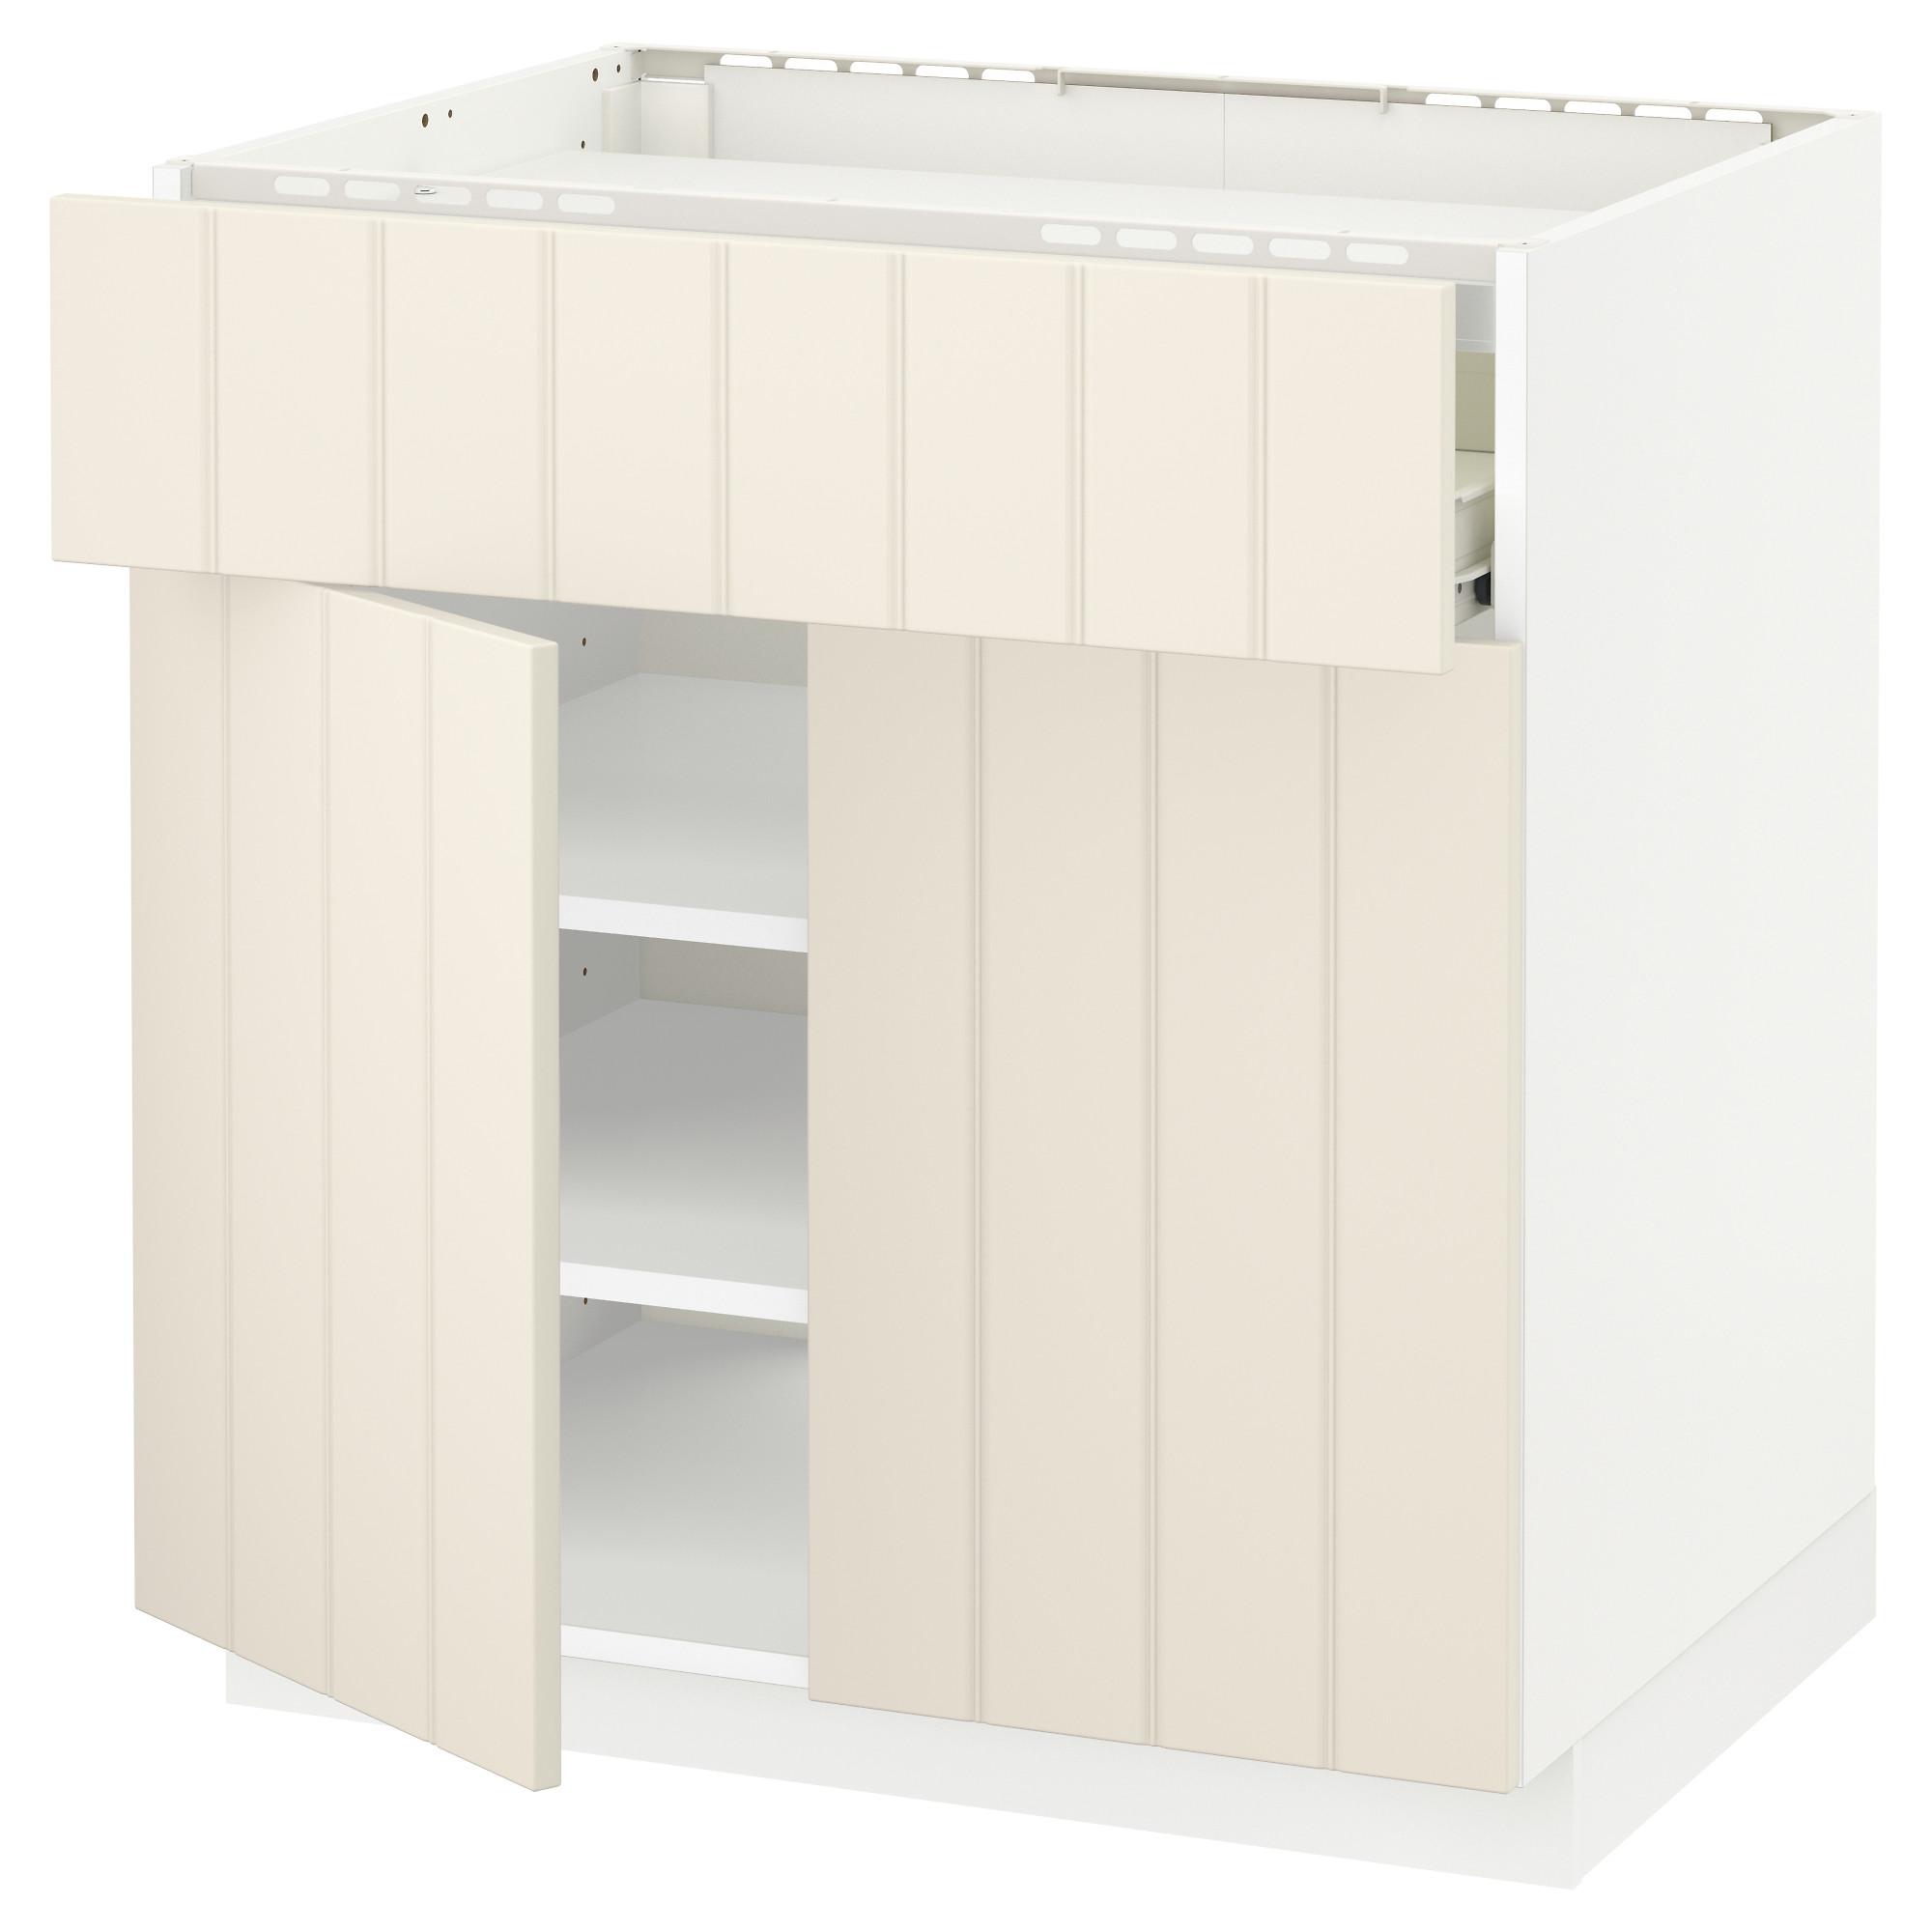 Напольный шкаф для варочной панели, ящик, полка, 2 дверцы МЕТОД / ФОРВАРА белый артикуль № 192.619.31 в наличии. Интернет магазин IKEA Минск. Недорогая доставка и монтаж.